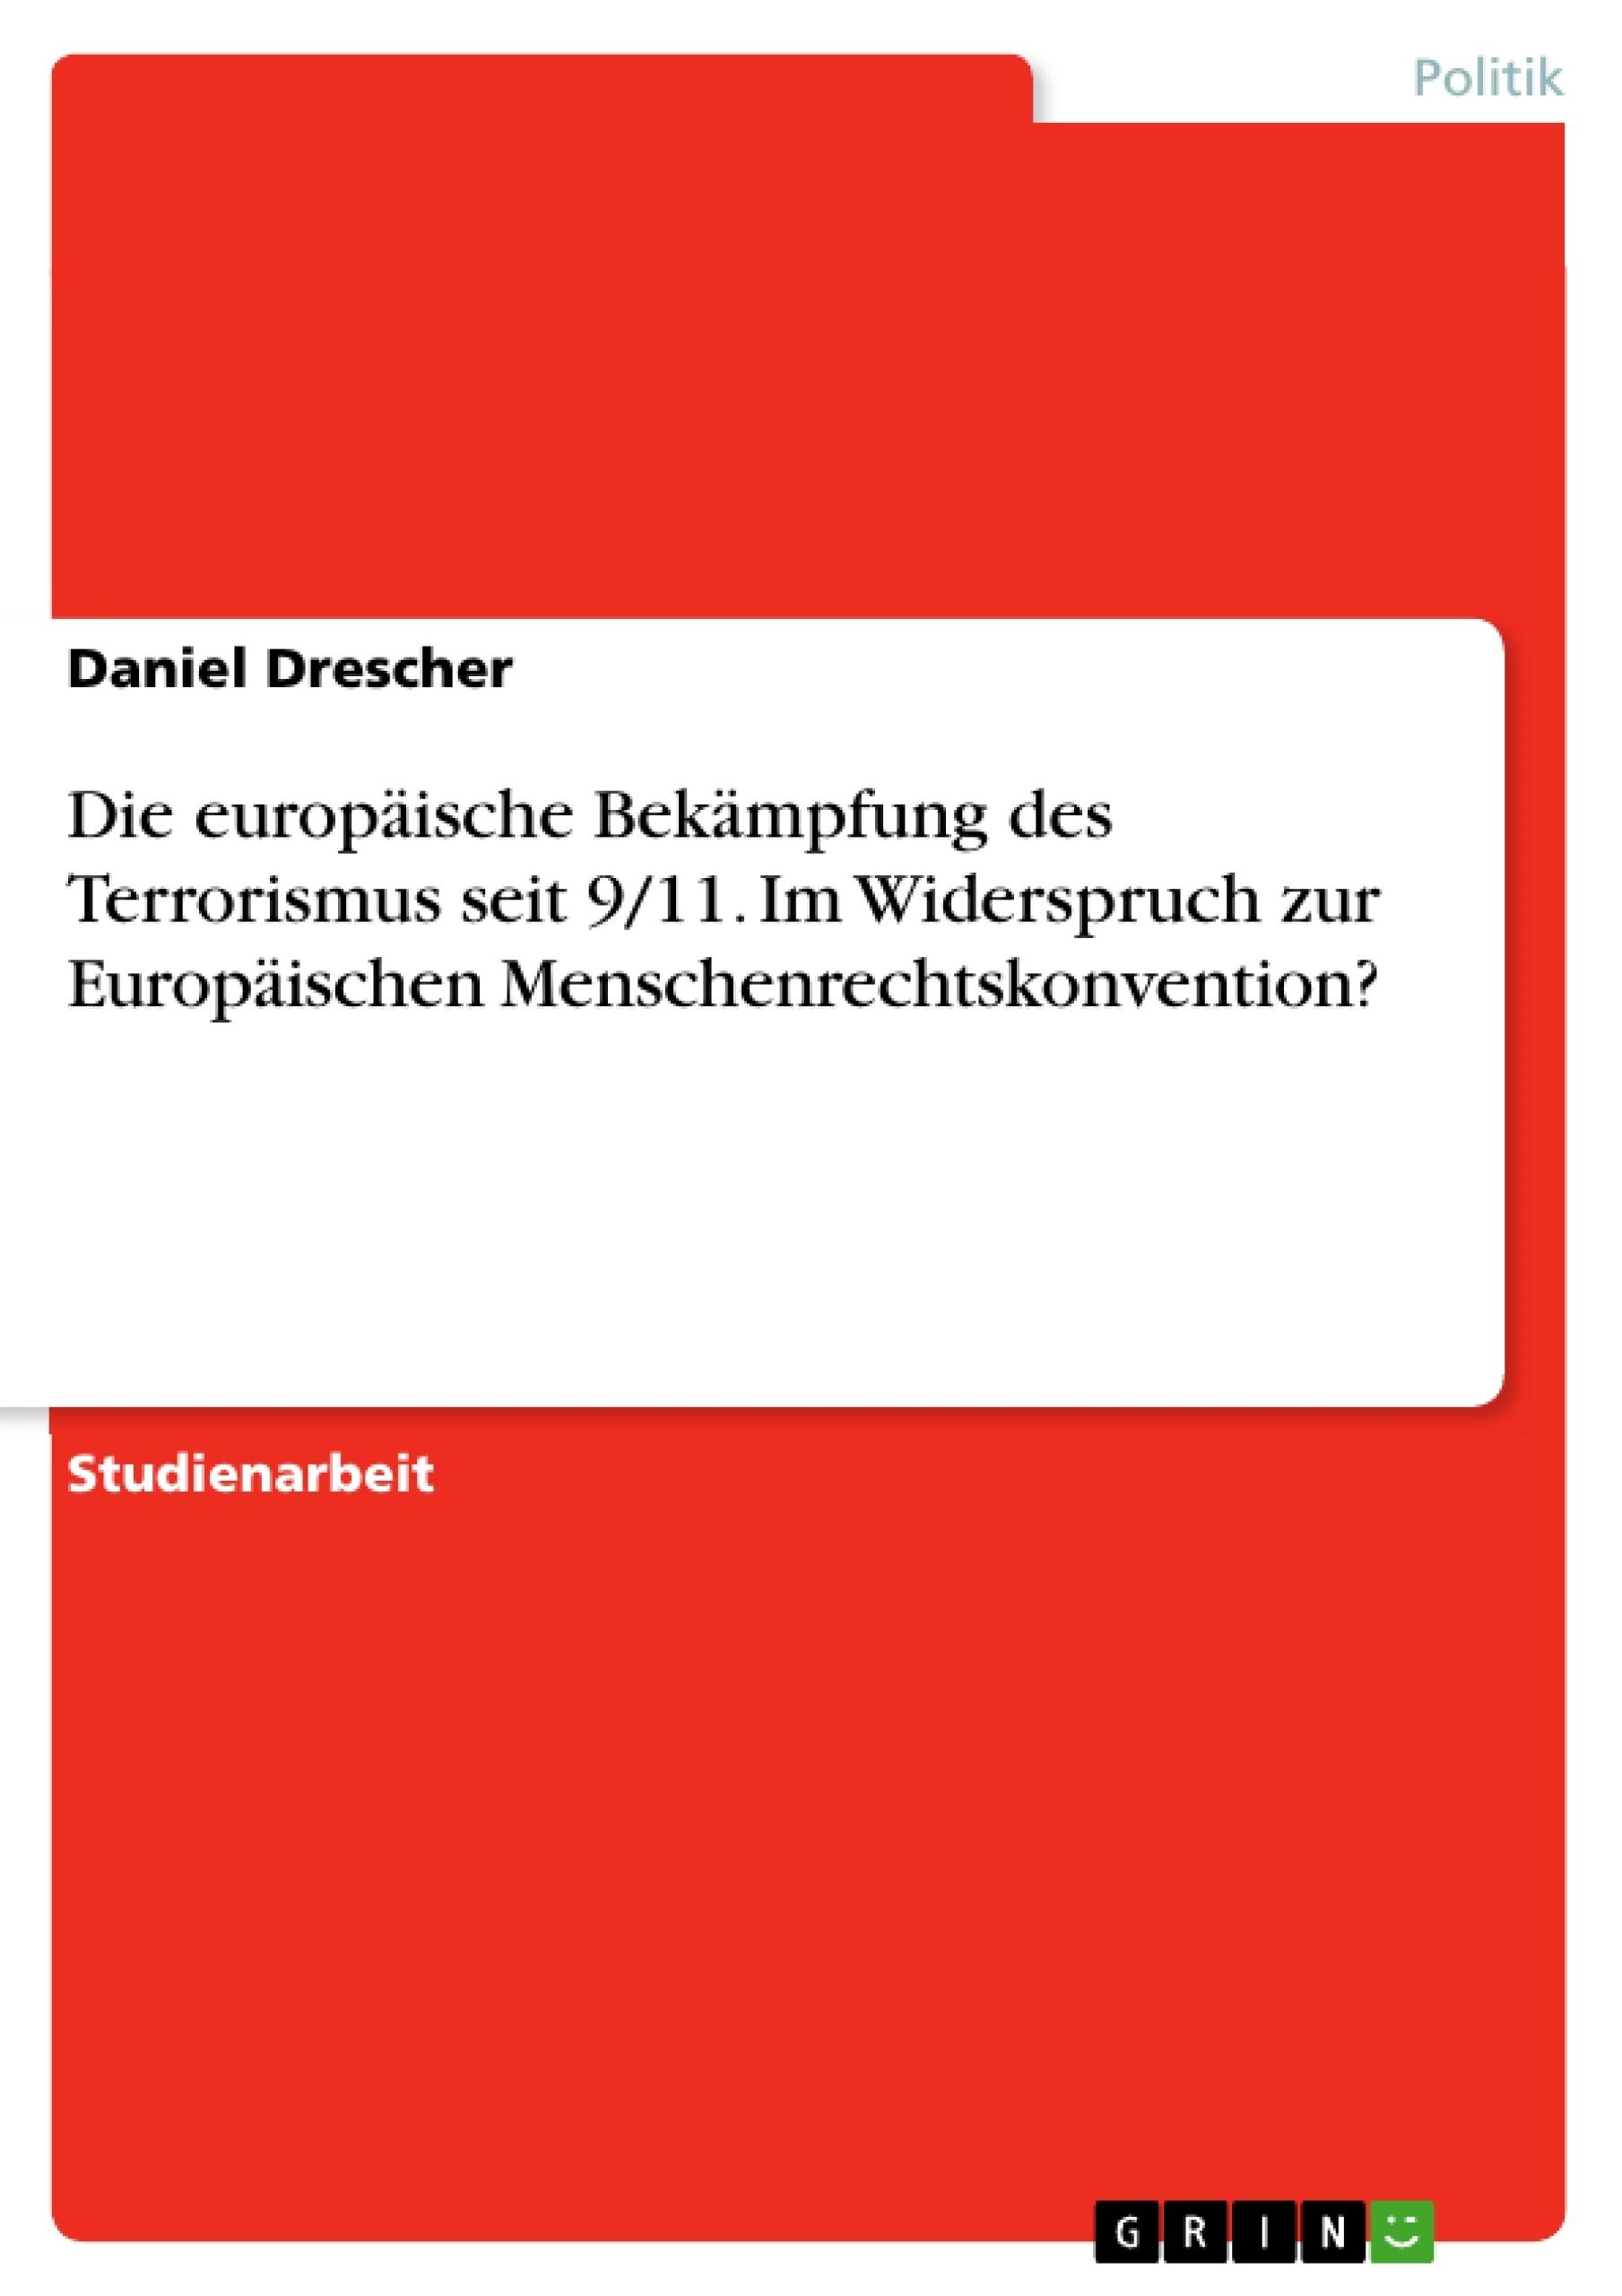 Titel: Die europäische Bekämpfung des Terrorismus seit 9/11. Im Widerspruch zur Europäischen Menschenrechtskonvention?